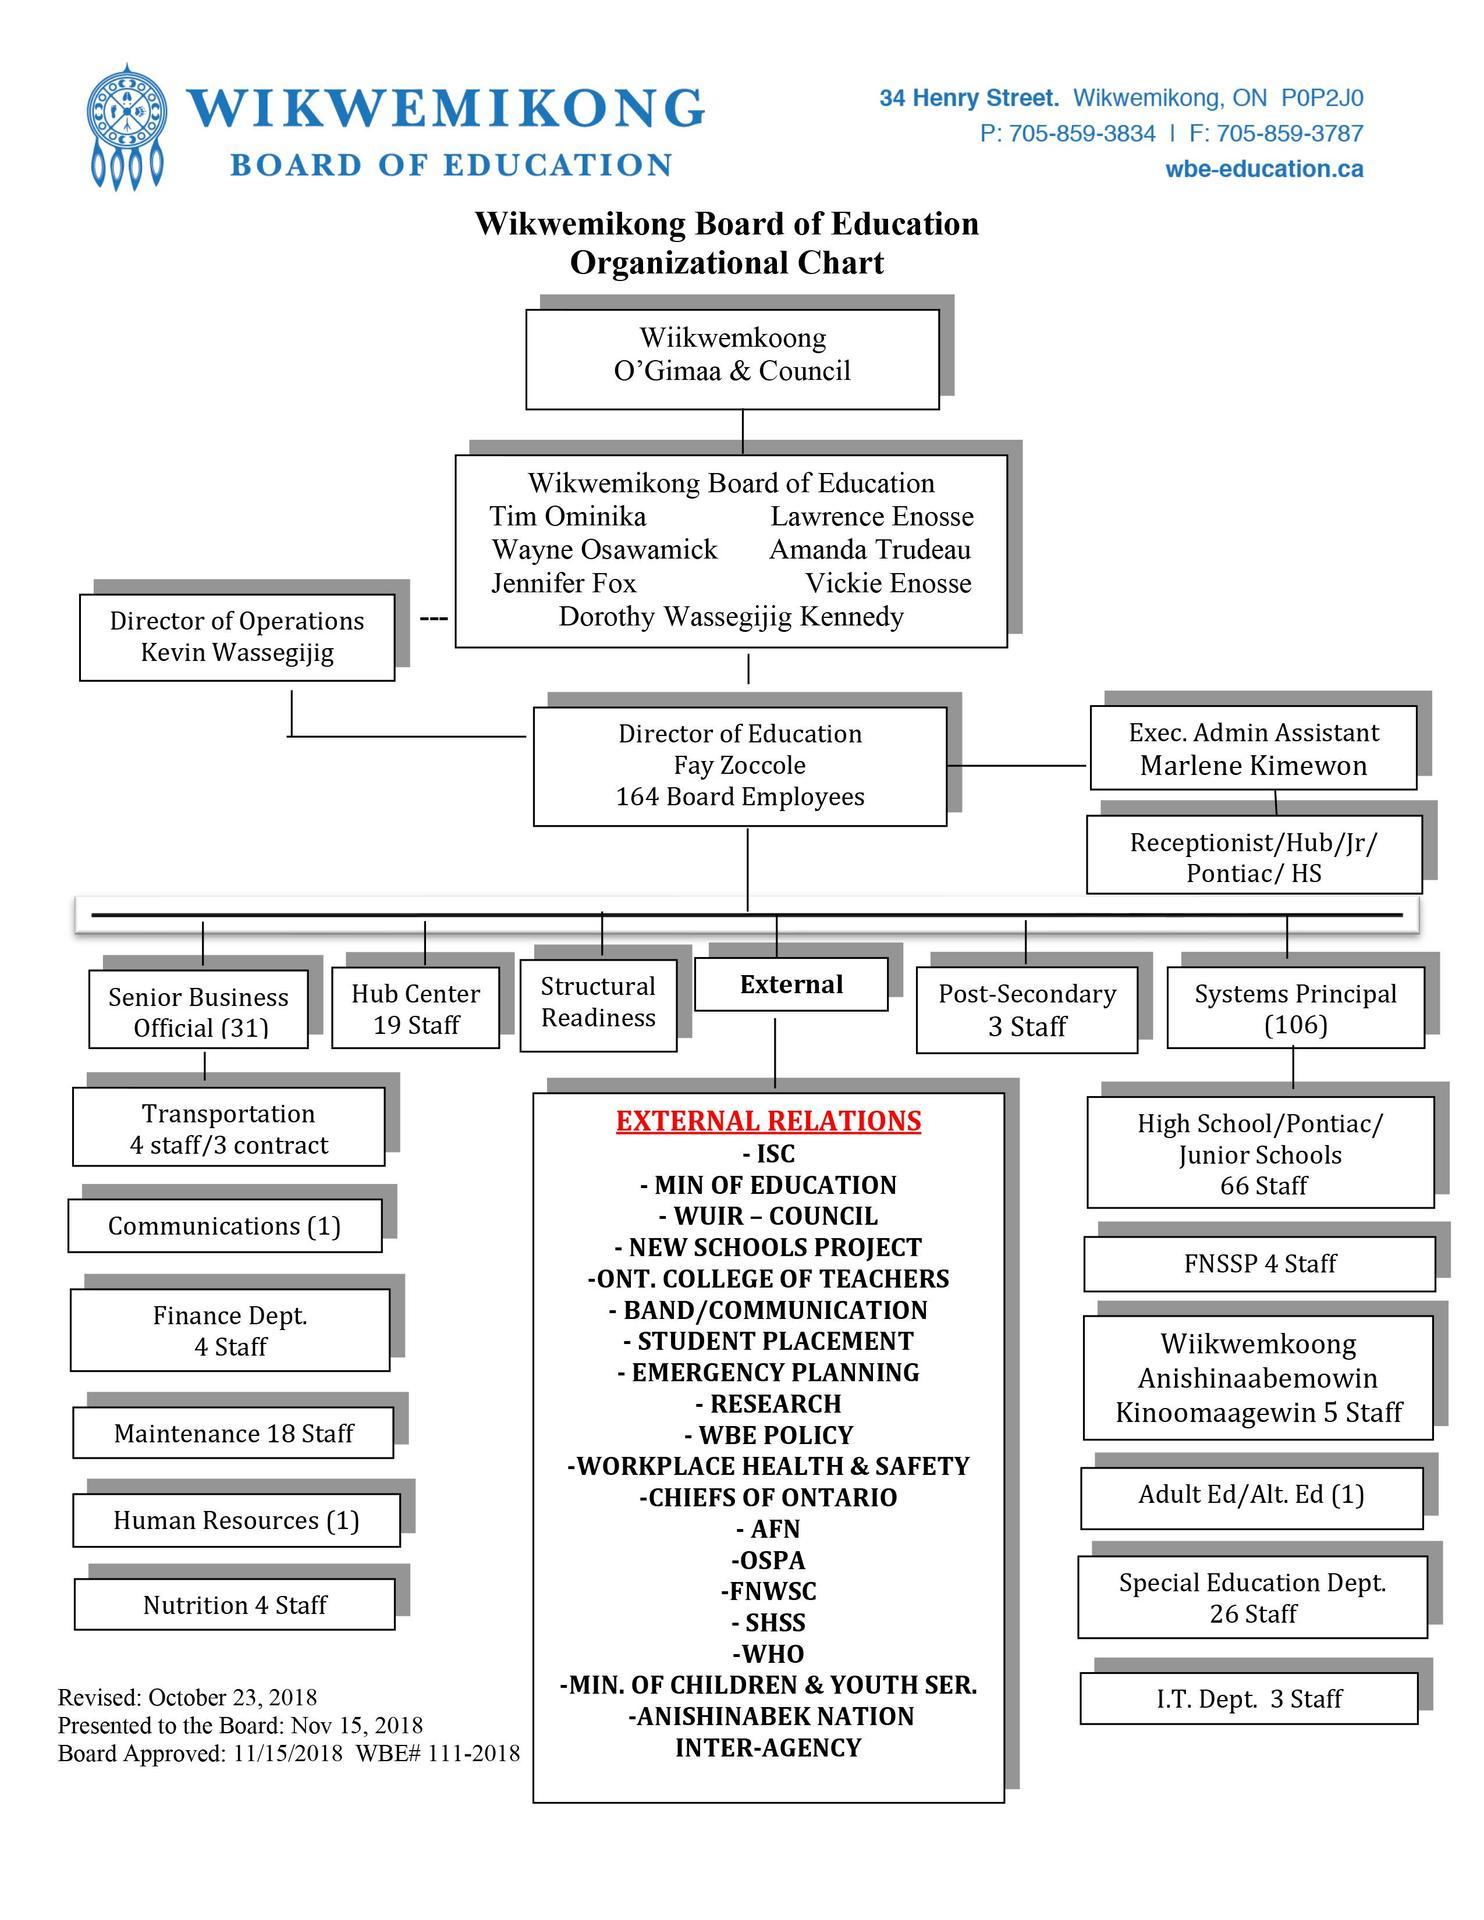 WBE Org Chart Final